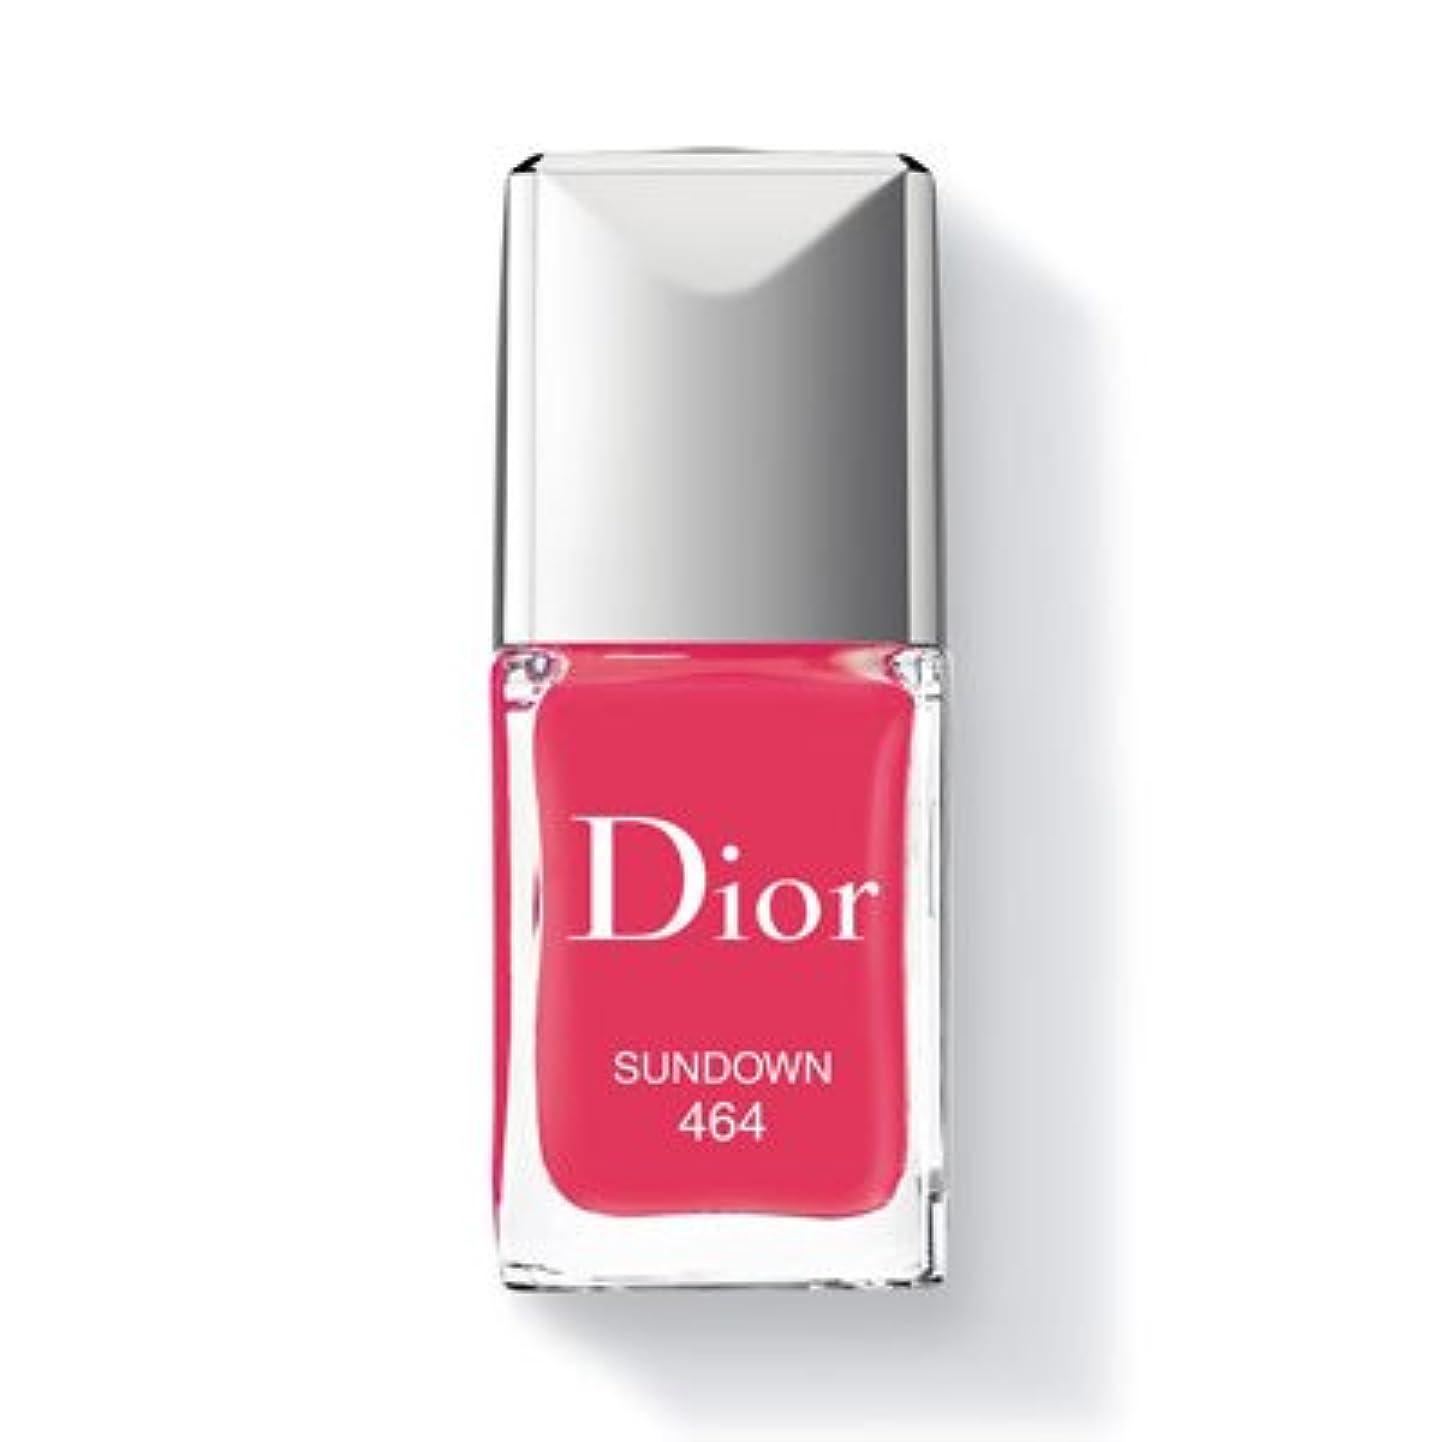 宣言ビートロイヤリティChristian Dior クリスチャン ディオール ディオール ヴェルニ #464 SUNDOWN 10ml [並行輸入品]